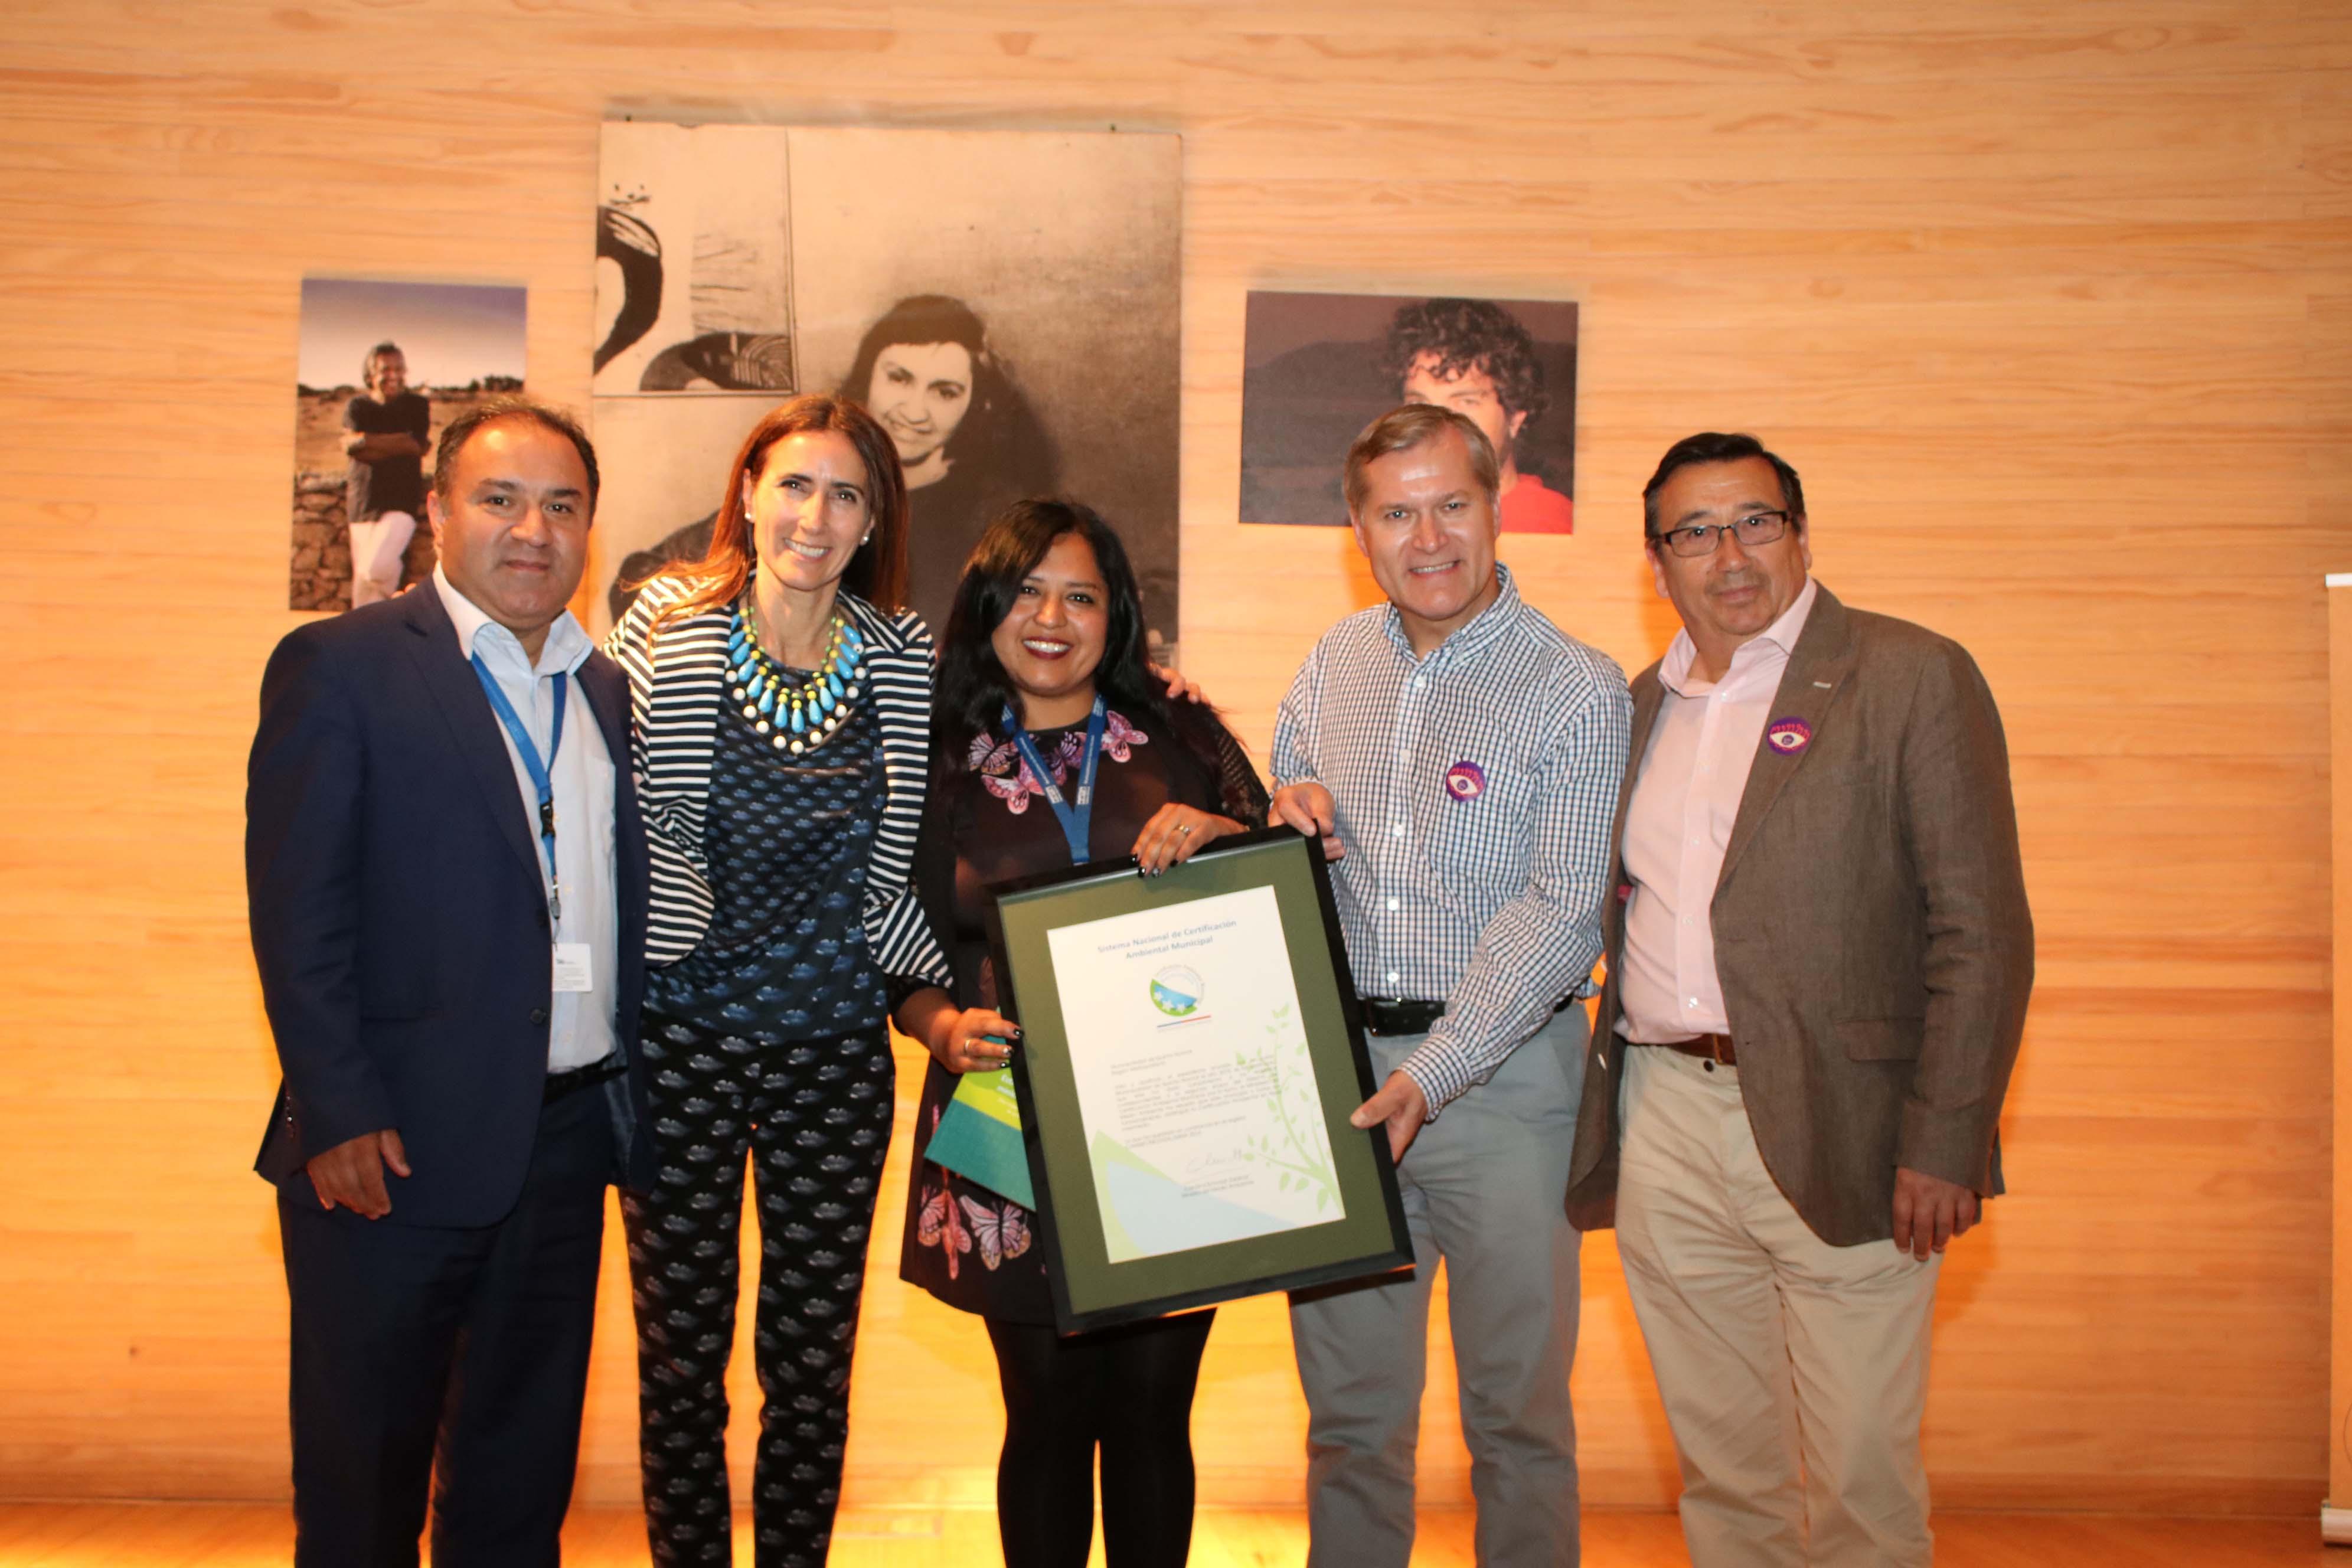 Municipio recibe certificación de excelencia en gestión ambiental